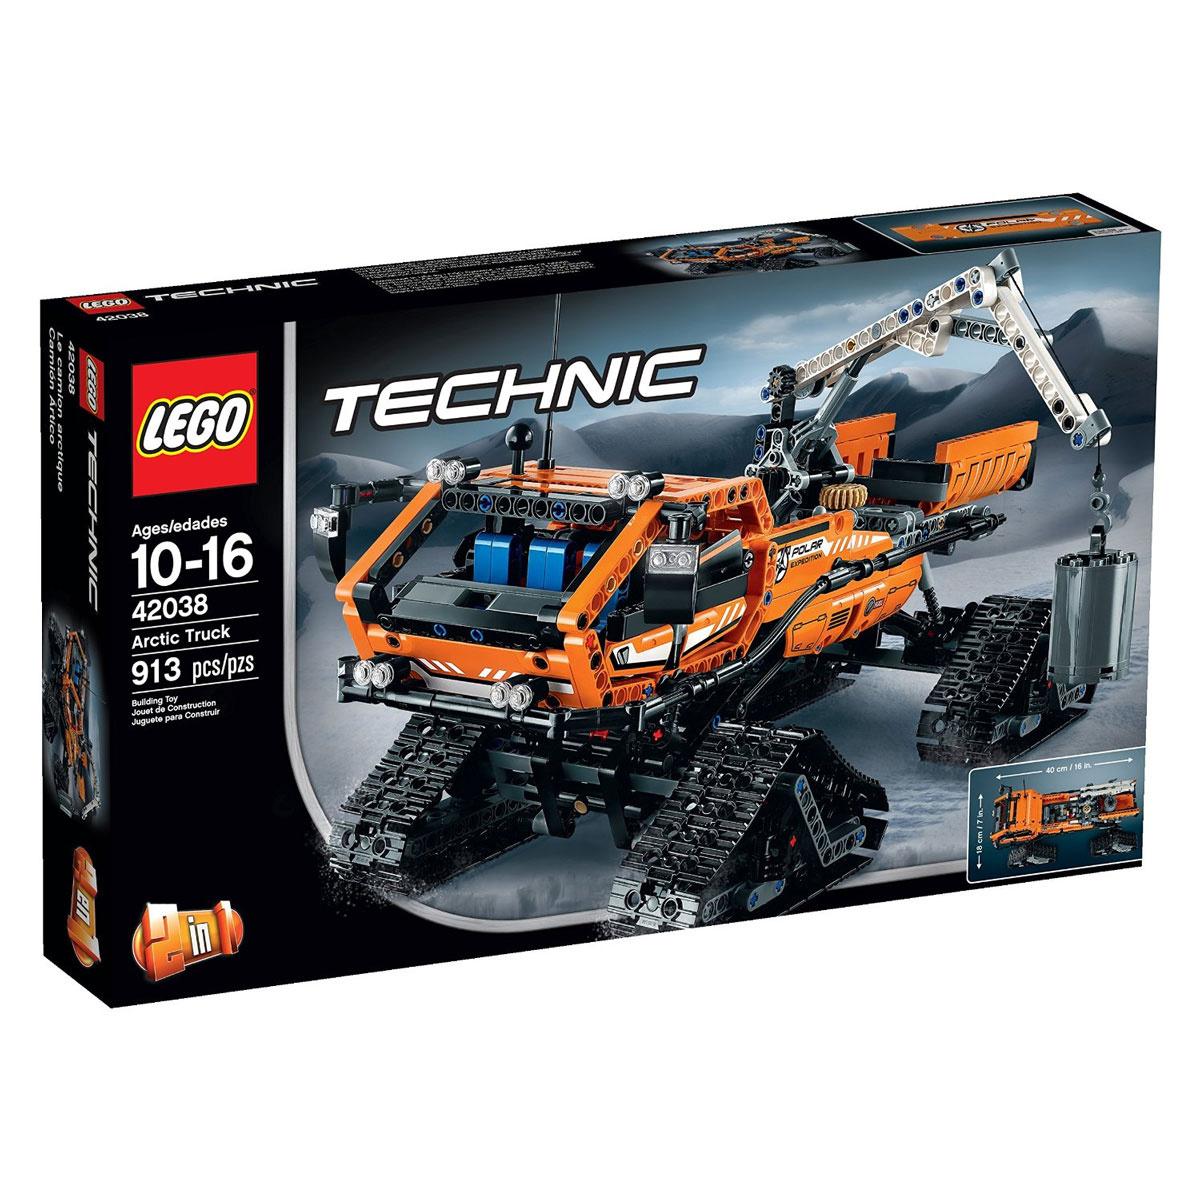 LEGO Technic Конструктор Арктический вездеход 42038 #1